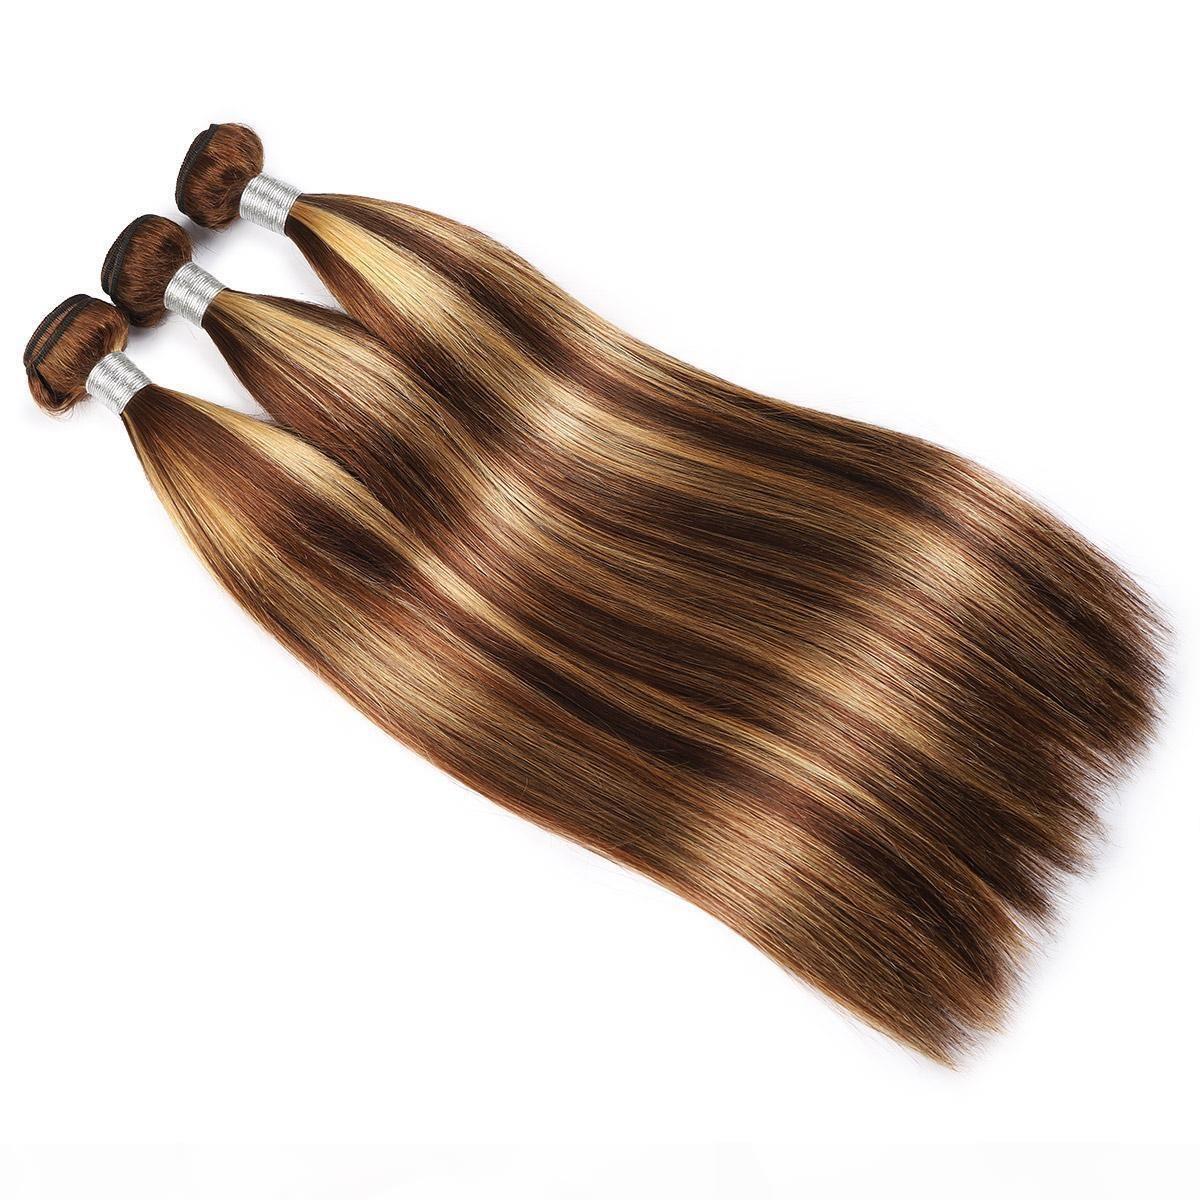 Mink Brazilian Body Wave Gerade Highlight 4 27 Menschenhaarbündel Unverarbeitete menschliche Haarverlängerungen Brasilianische Körperhaar-Webart Bündel